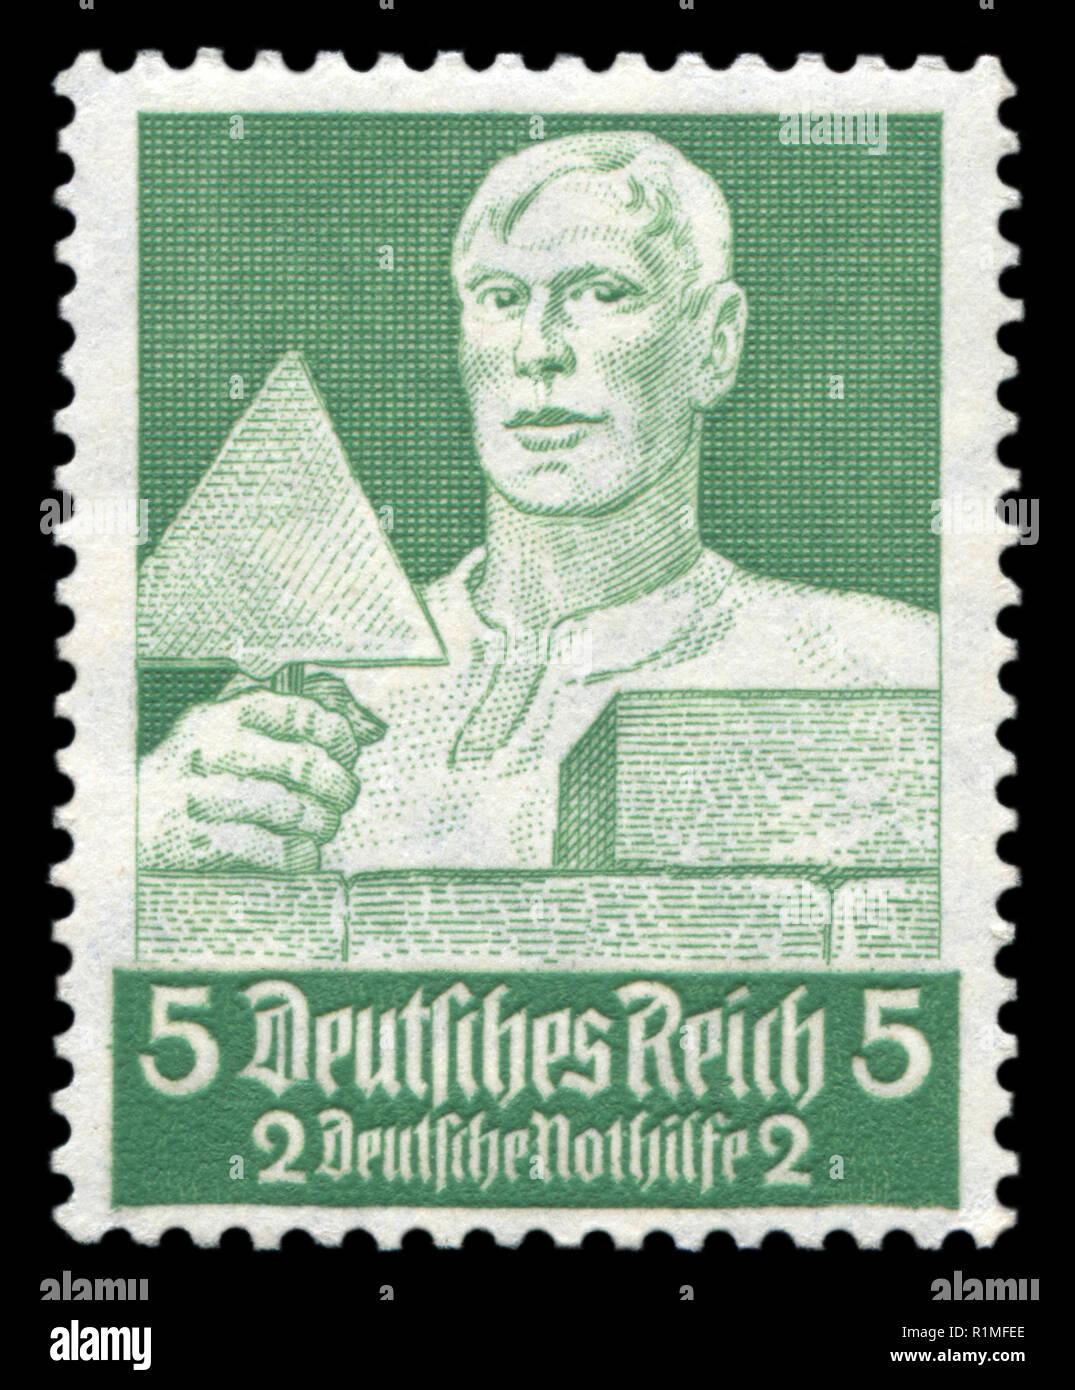 Estampilla histórica alemana: Builder-Mason con espátula. Fondo de asistencia de emergencia. Honorable profesiones, 1934, Alemania, el Tercer Reich Imagen De Stock